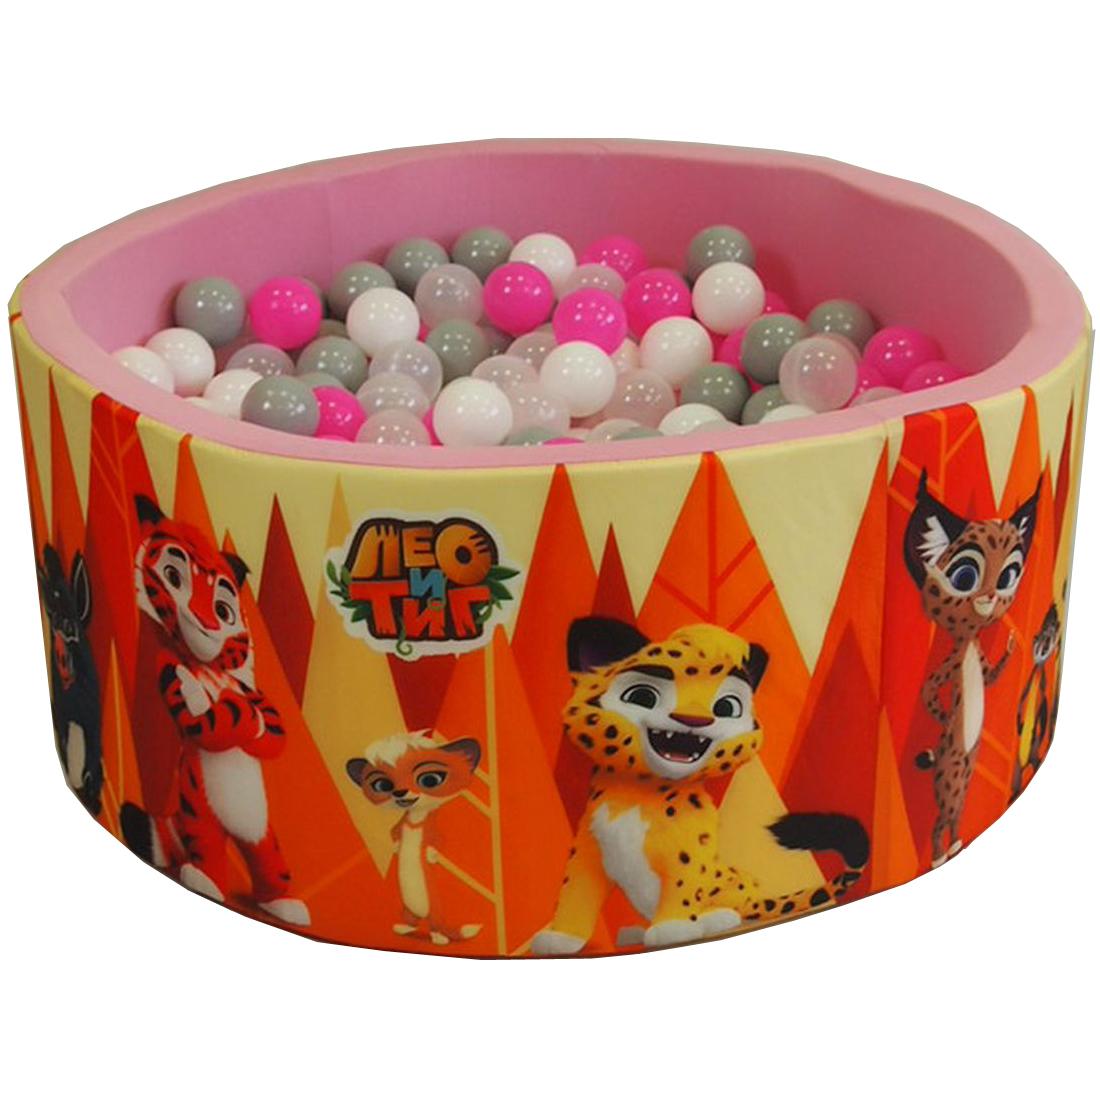 Купить Сухой бассейн Hotenok Лео и Тиг Розовый, 100х40 см + 200 шариков,